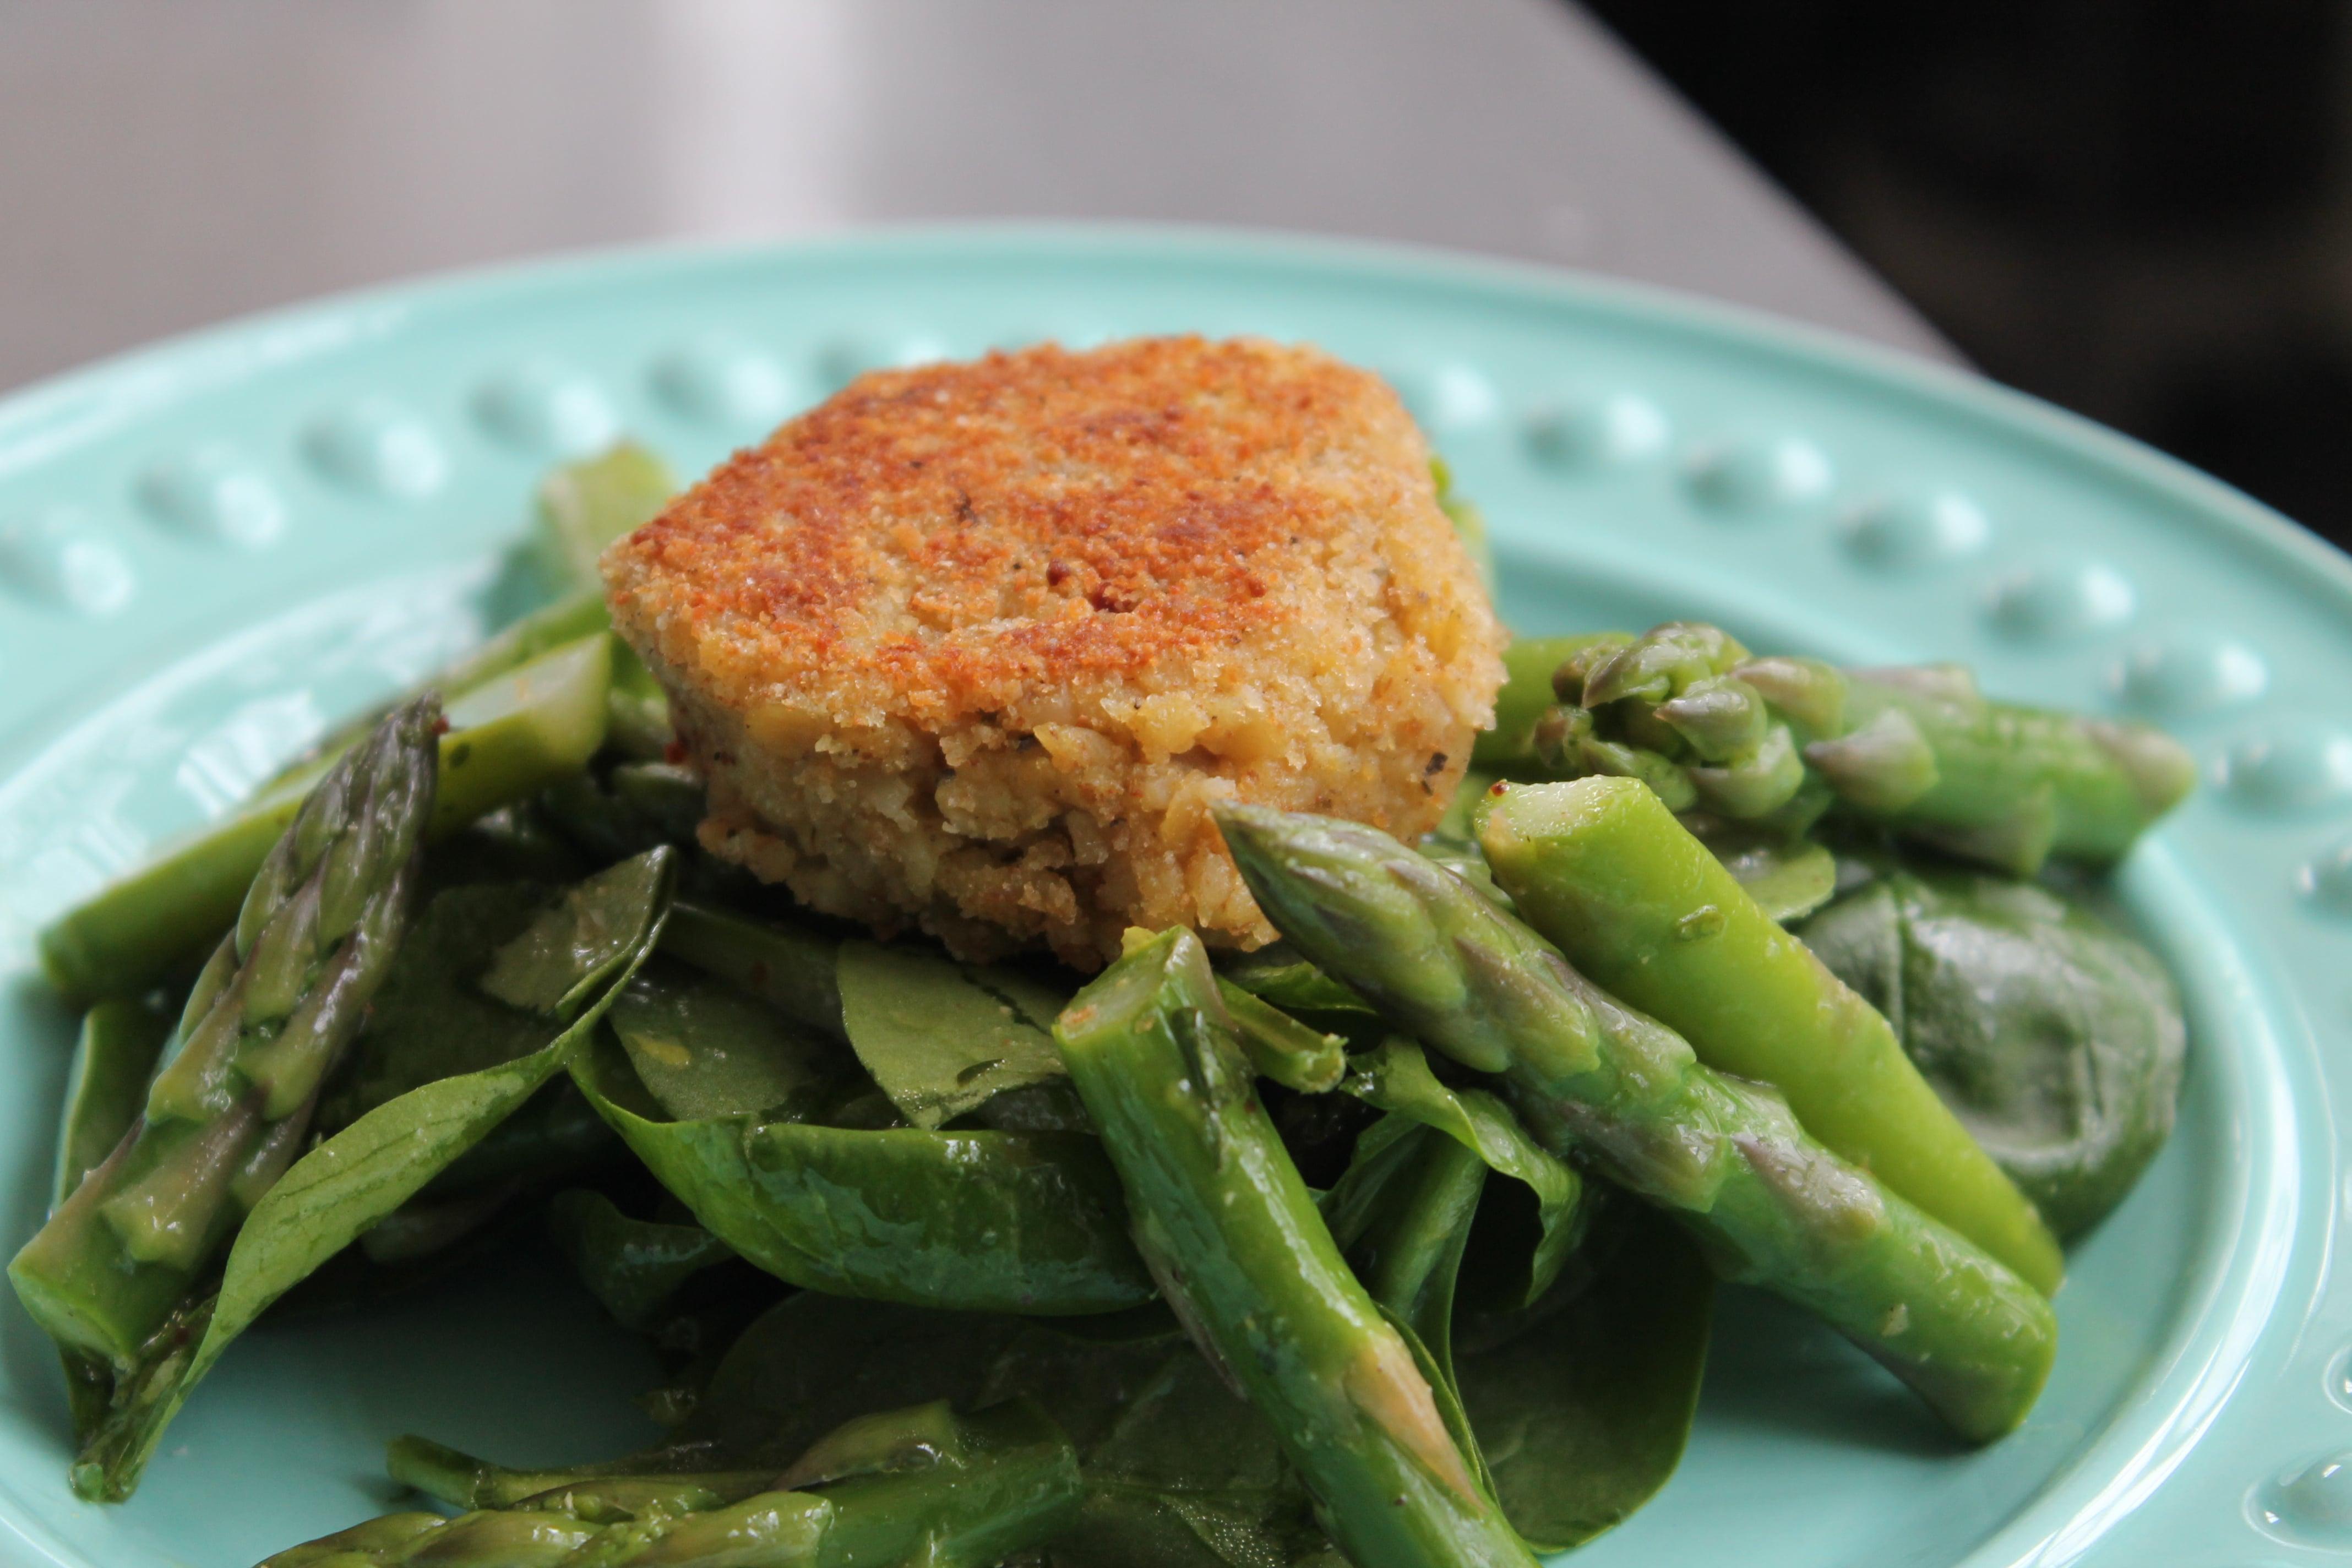 Spinach Asparagus Salad with Lentil Bulgur Cakes and Lemon Parsley Vinaigrette